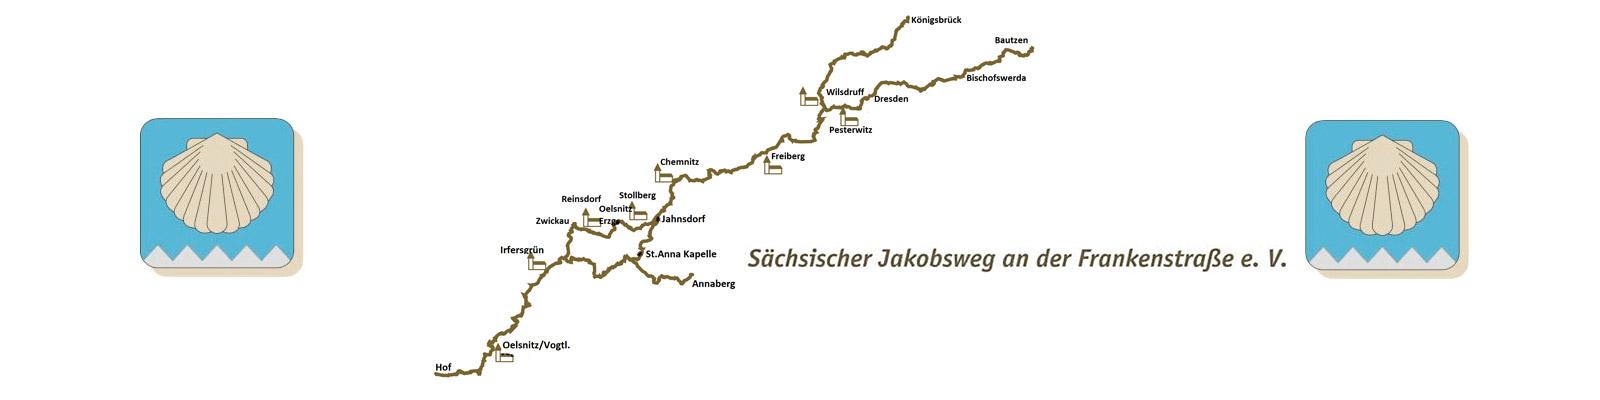 Sächsischer Jakobsweg an der Frankenstraße e.V.